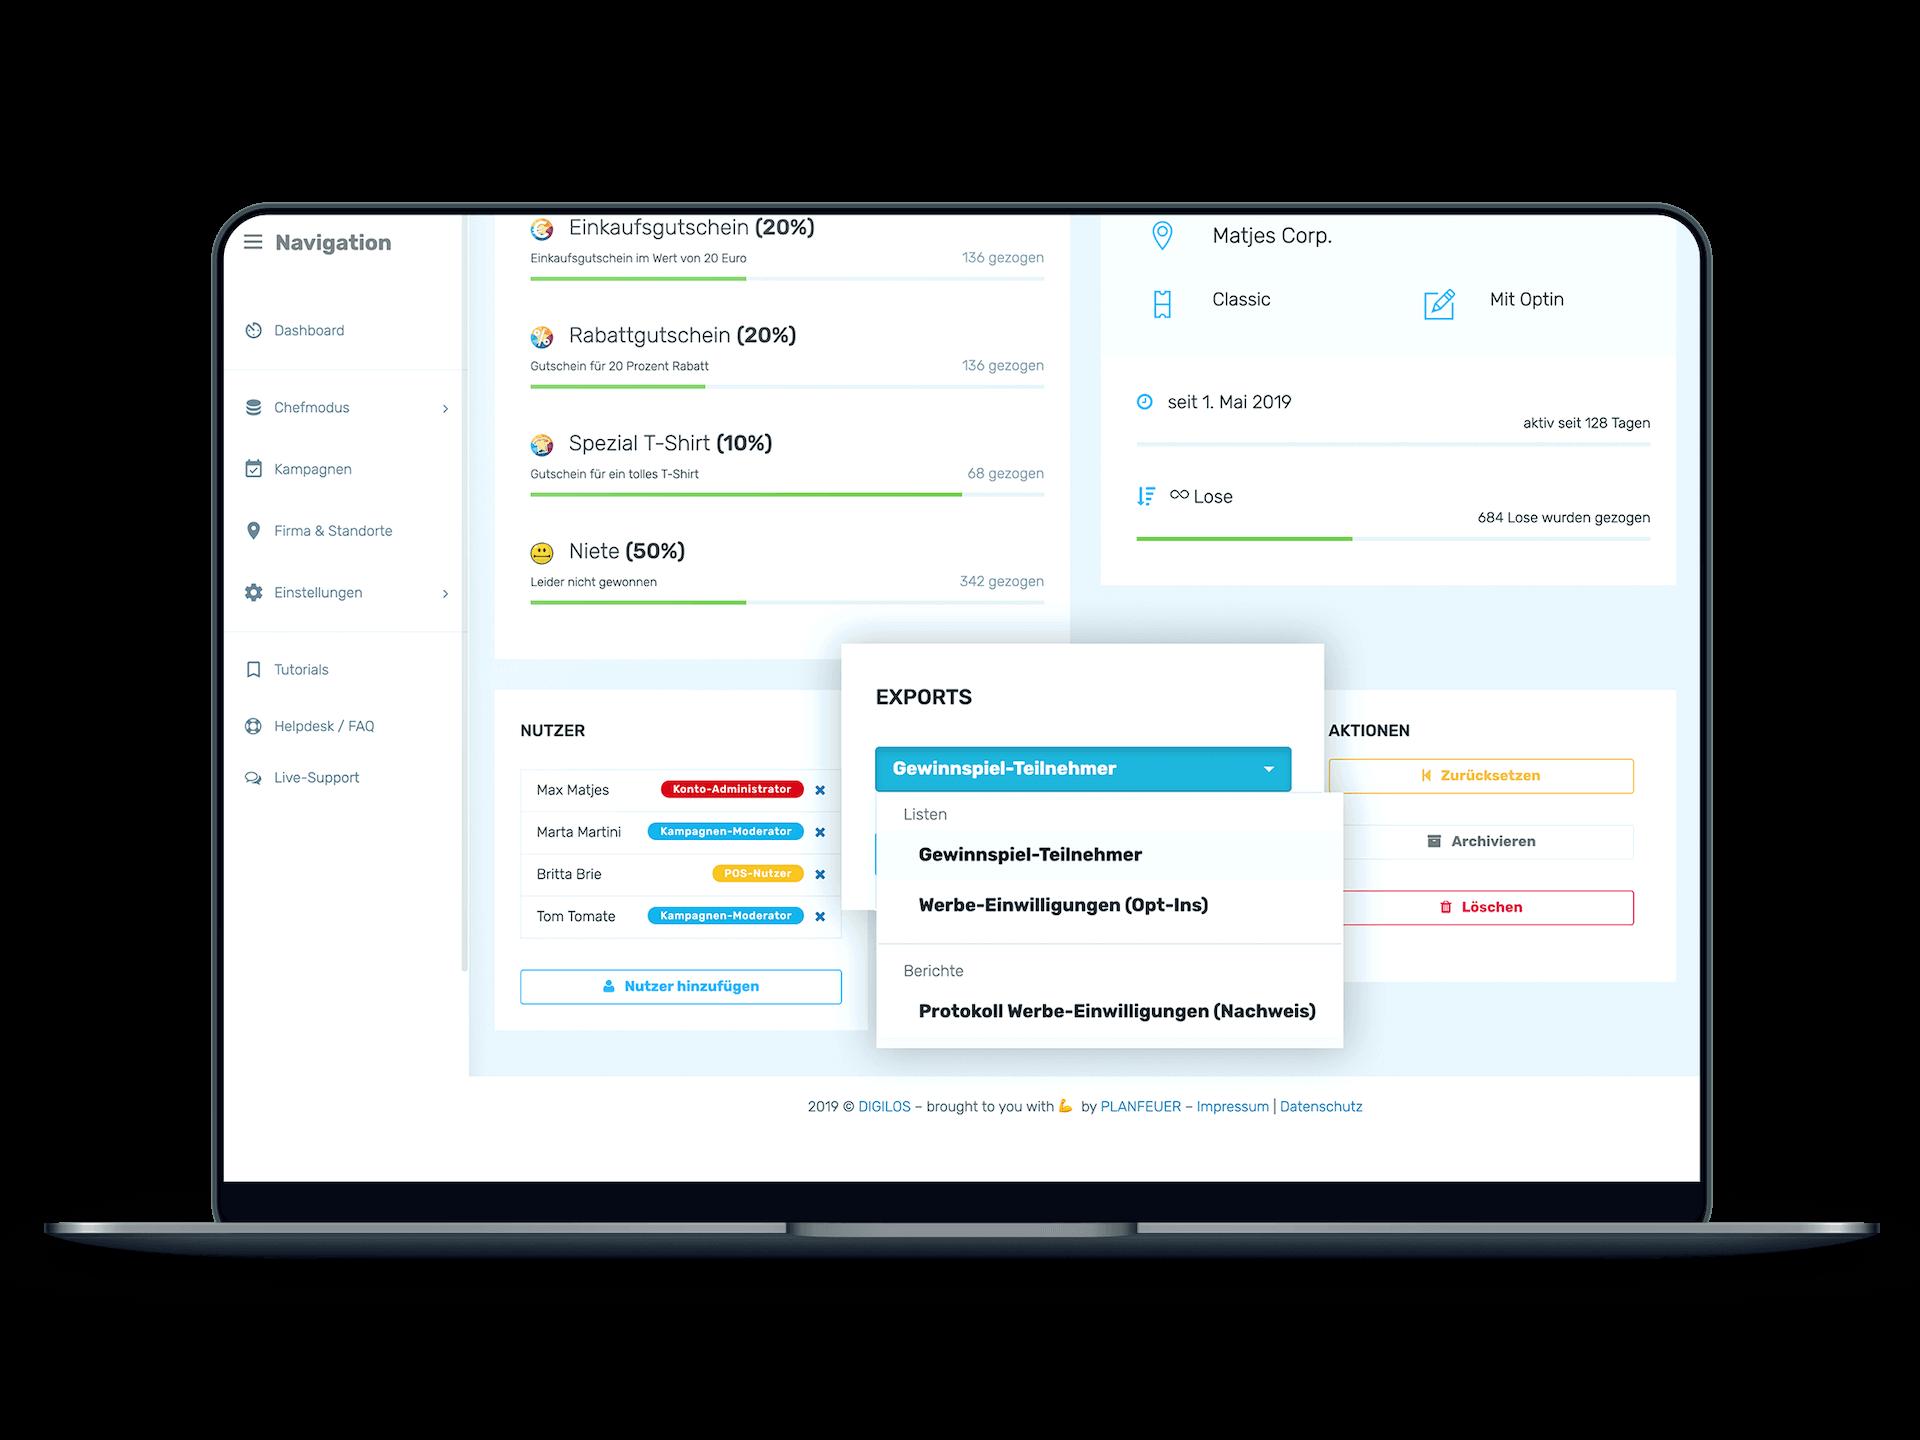 DIGILOS-Cockpit: Daten exportieren